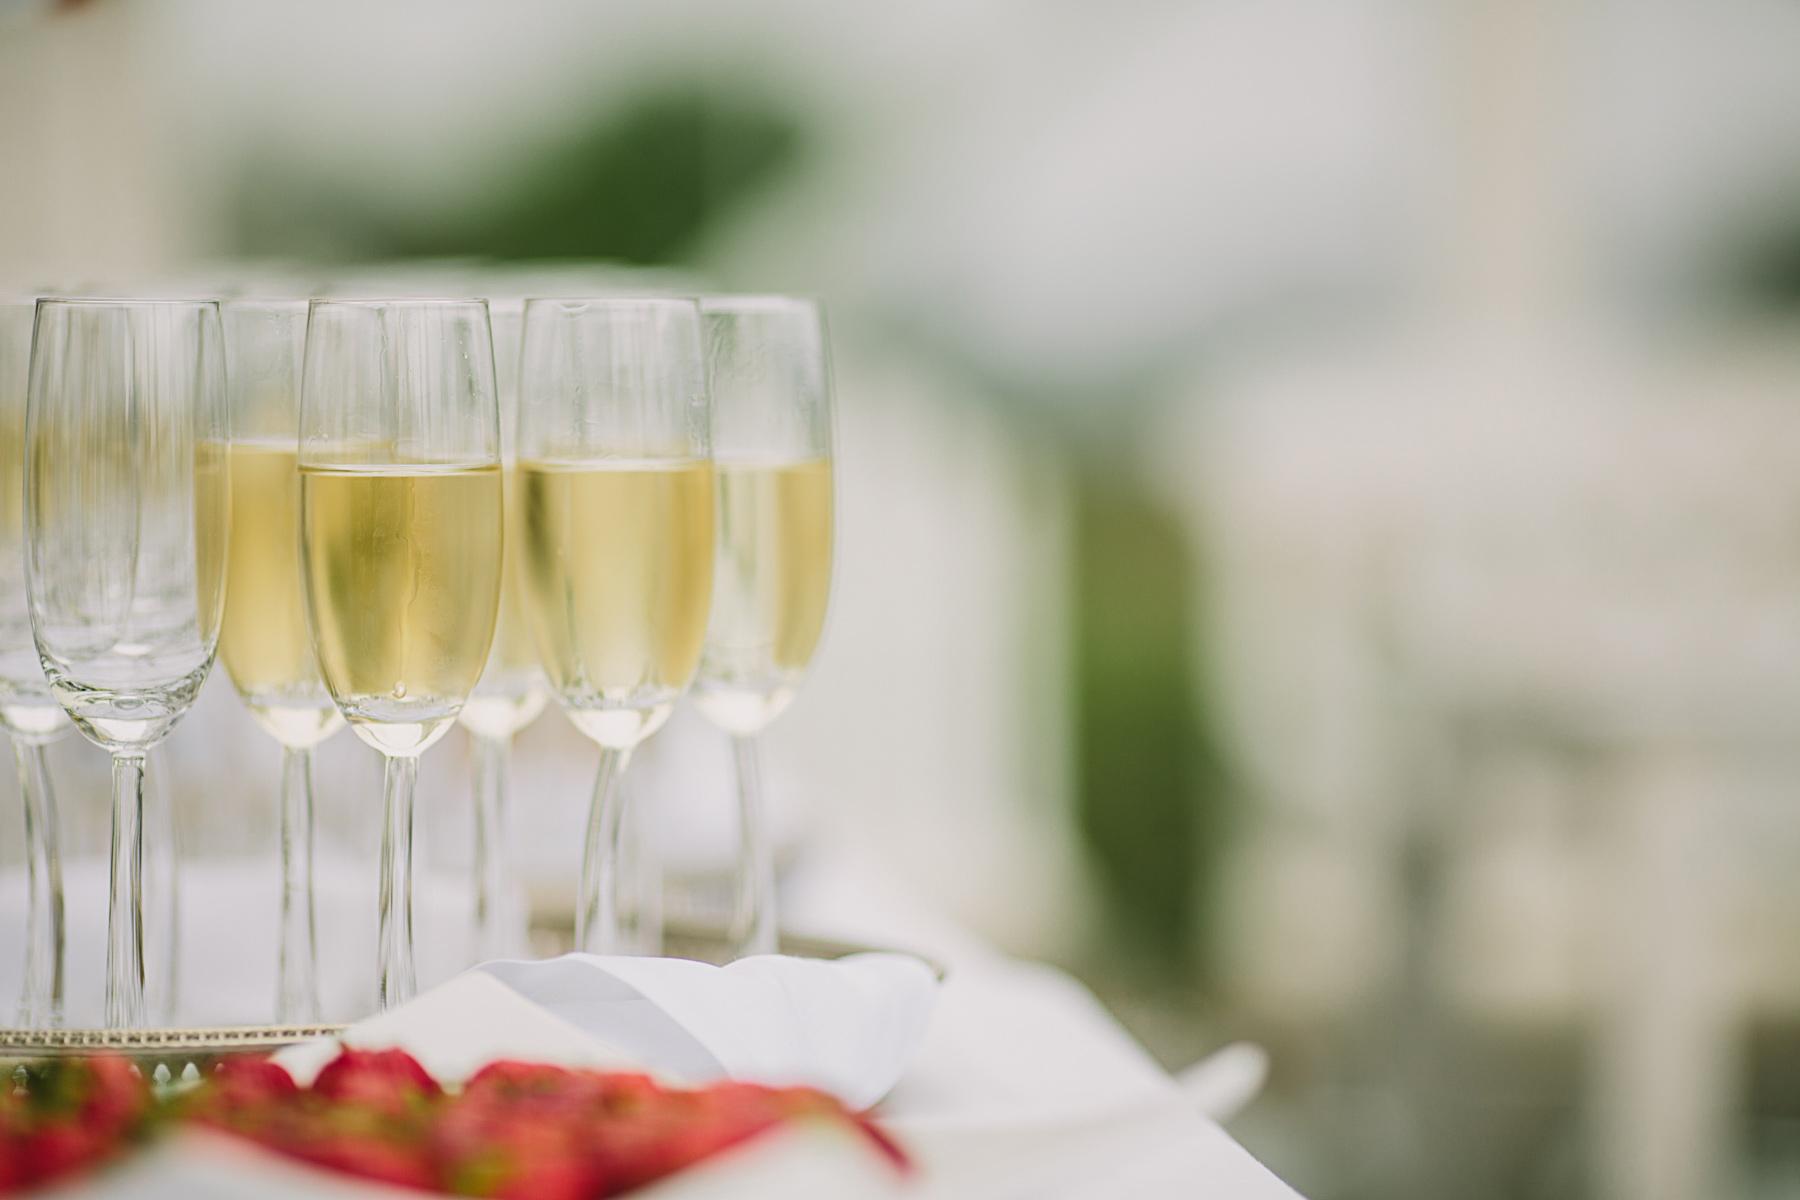 champagneglas och jordgubbar